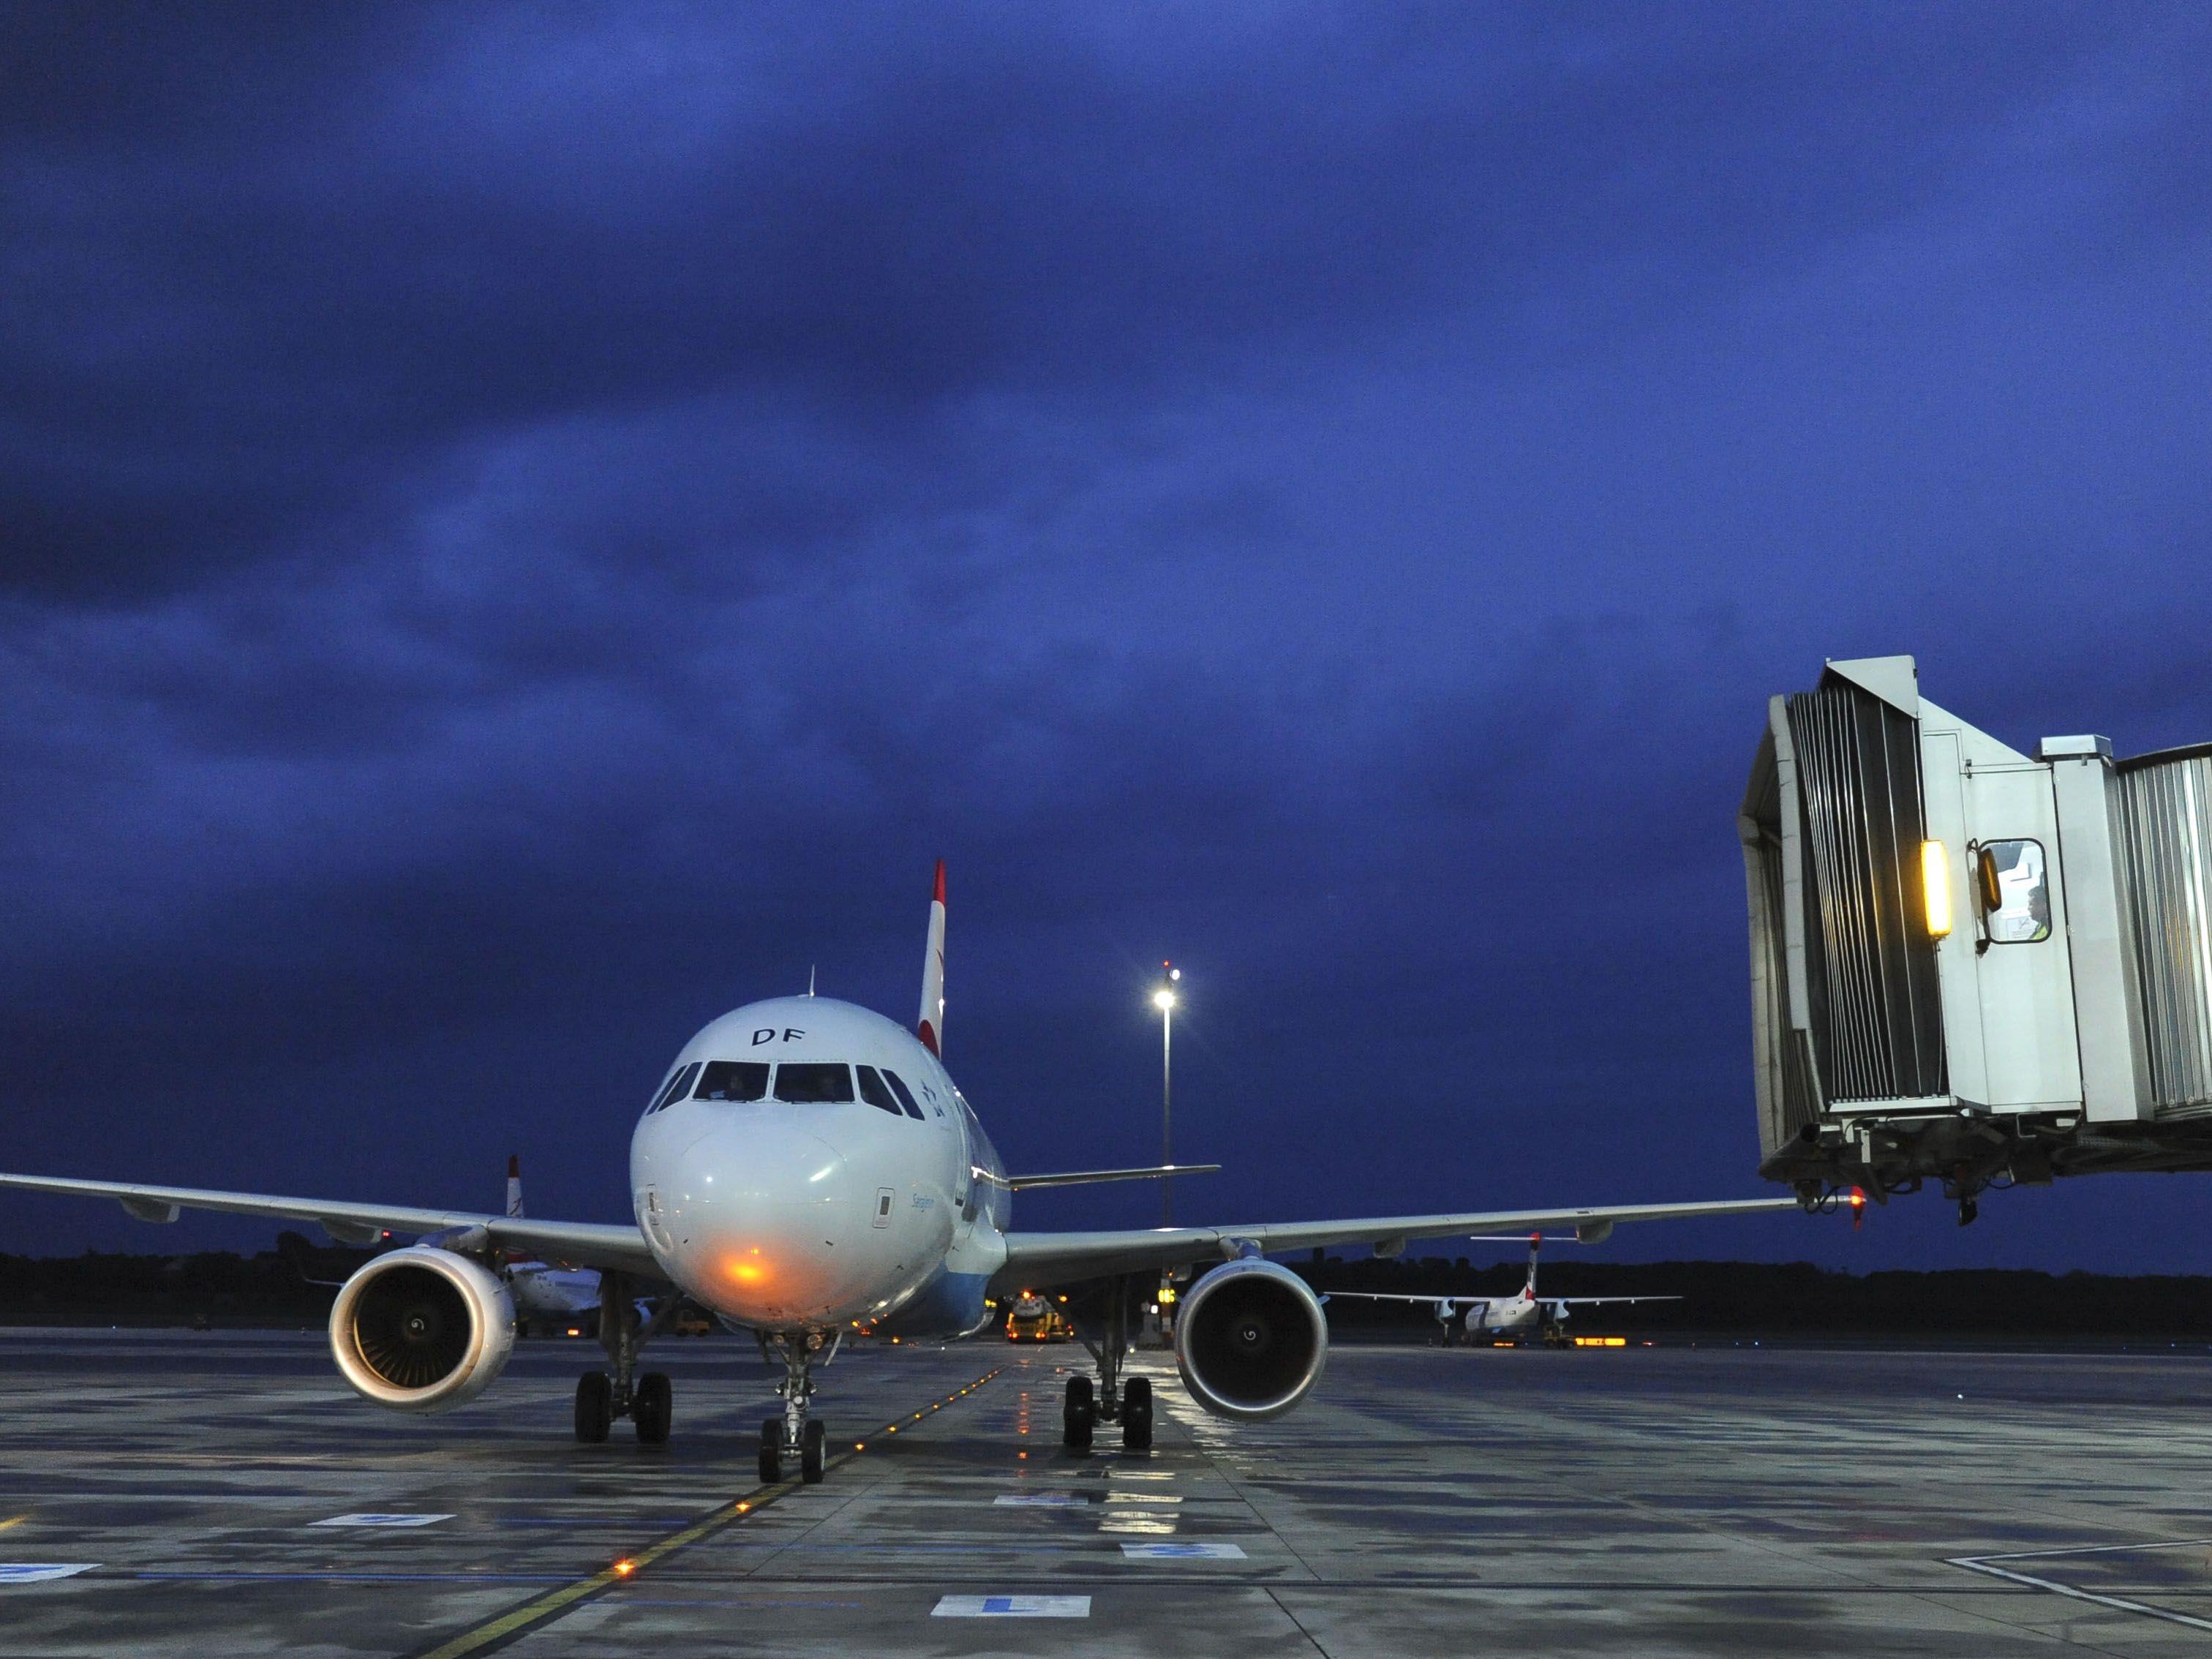 Der Flughafen Wien-Schwechat erhält keine dritte Piste